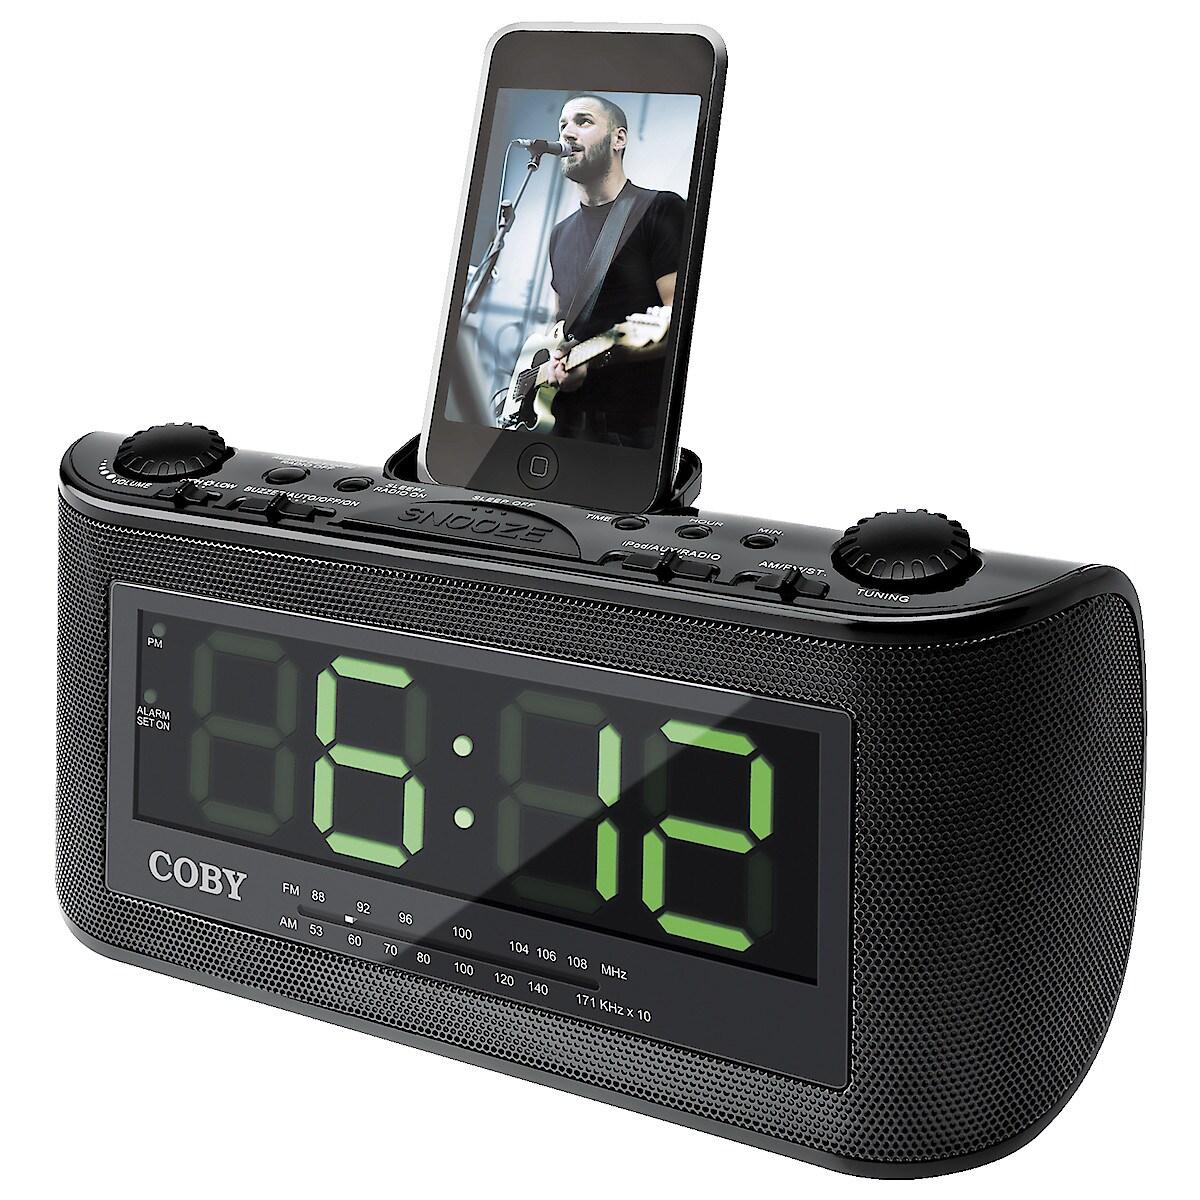 Klokkeradio med dokkingstasjon for iPod